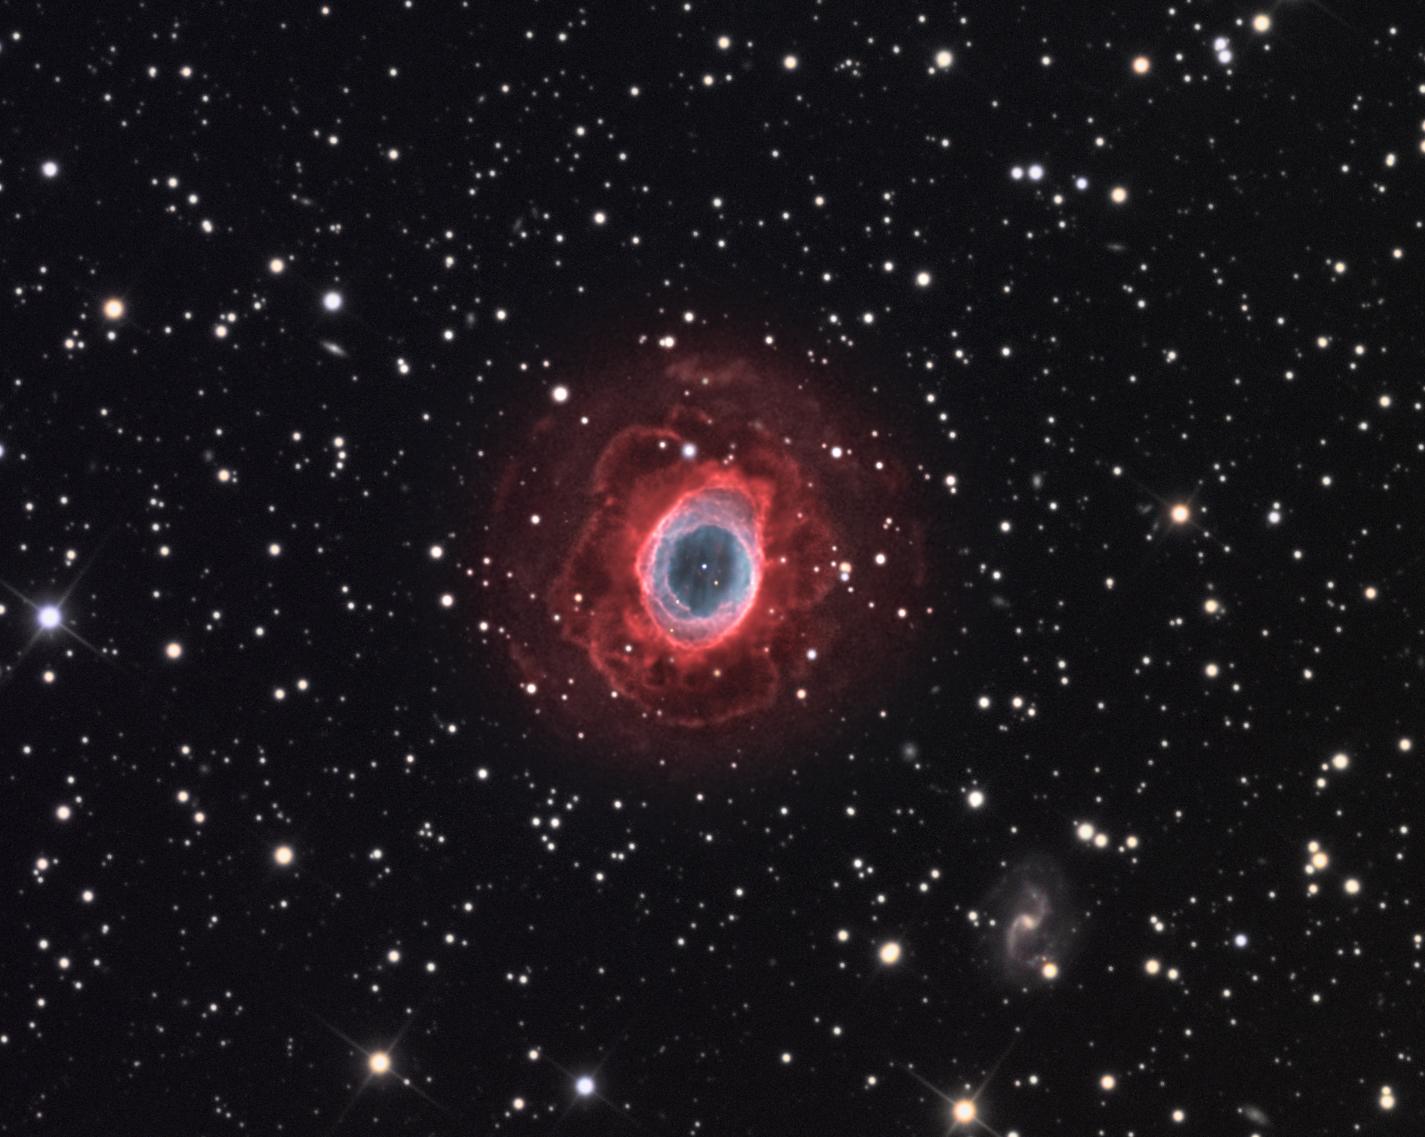 Ring nebula hd